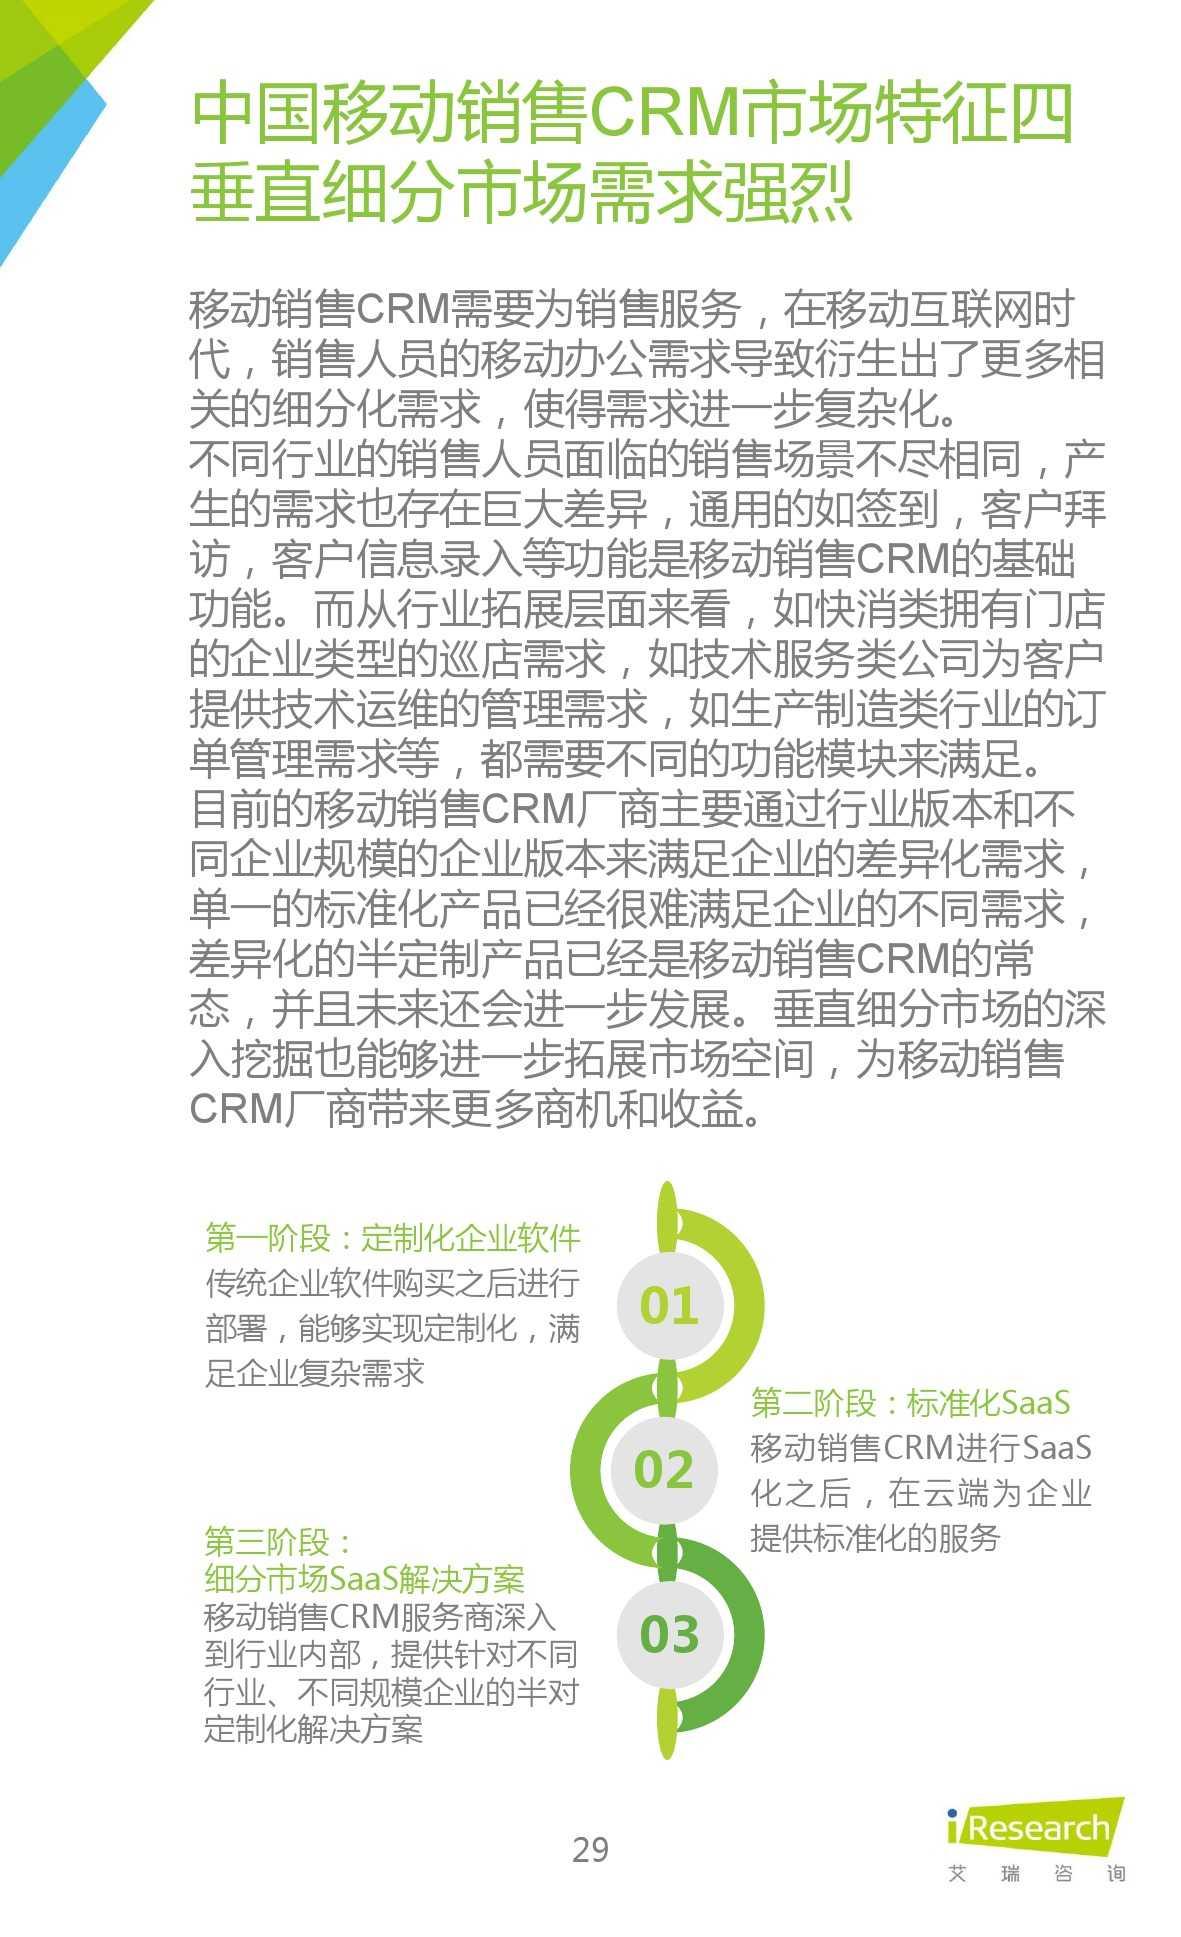 2015年中国移动销售CRM行业研究报告_000029